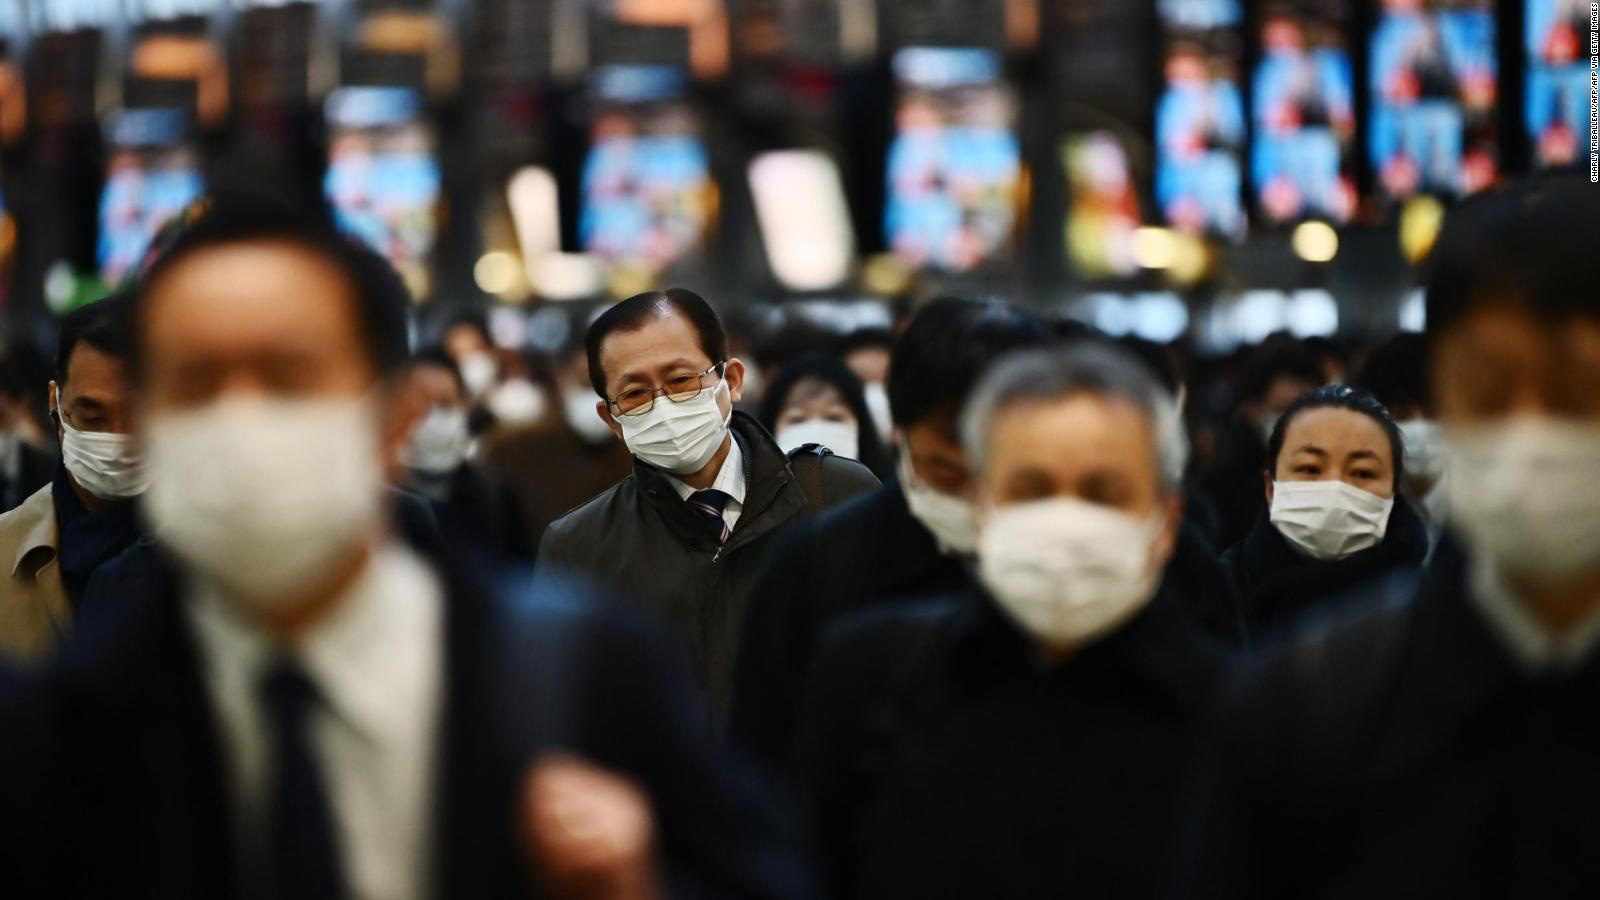 GDP Nhật Bản sụt giảm trầm trọng hơn dự đoán, dấy lên nỗi sợ suy thoái kinh tế - Ảnh 3.